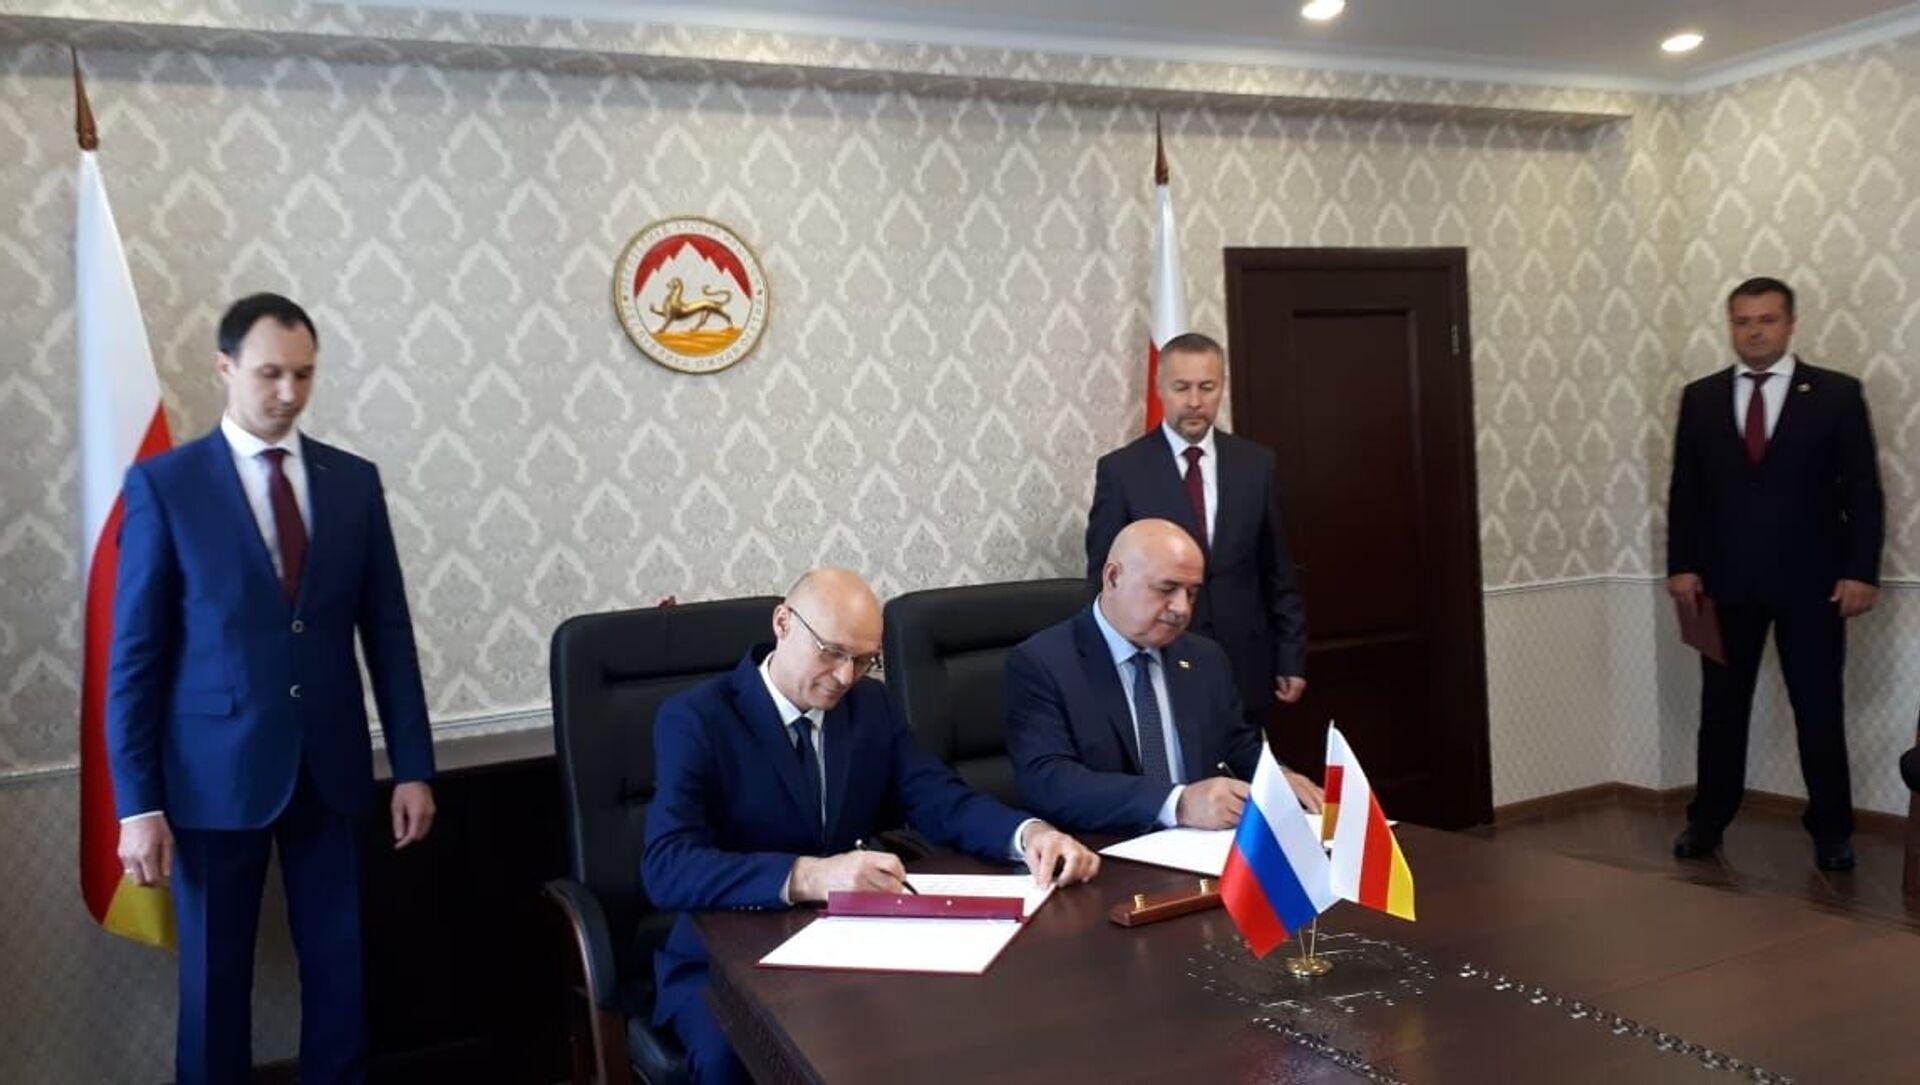 В Цхинвале состоялось подписание соглашения о двойном гражданстве между РФ и Южной Осетией - Sputnik Южная Осетия, 1920, 20.09.2021